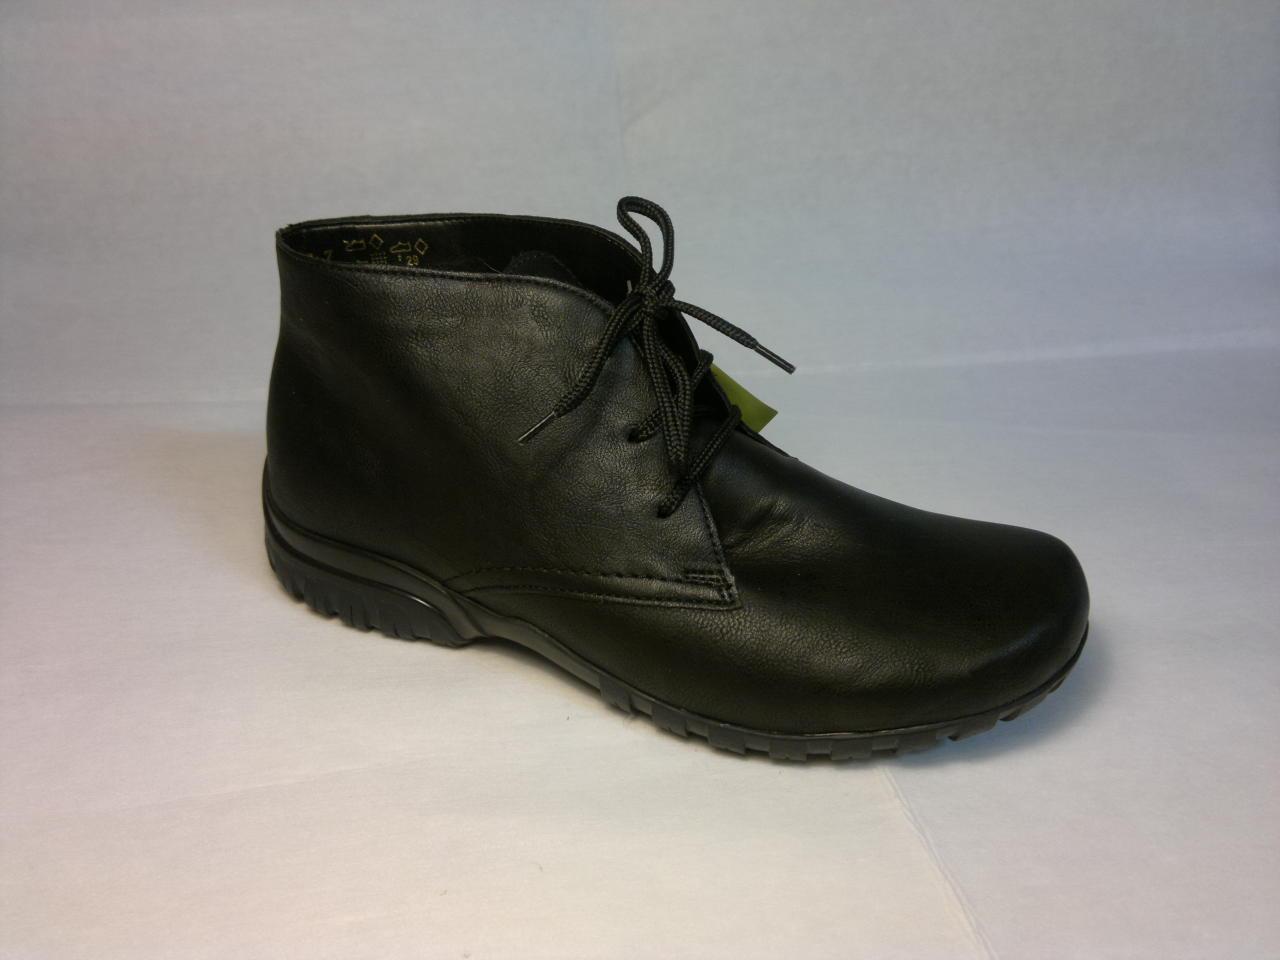 Rieker - hladká černá zateplená bota se zavazováním na tkaničku